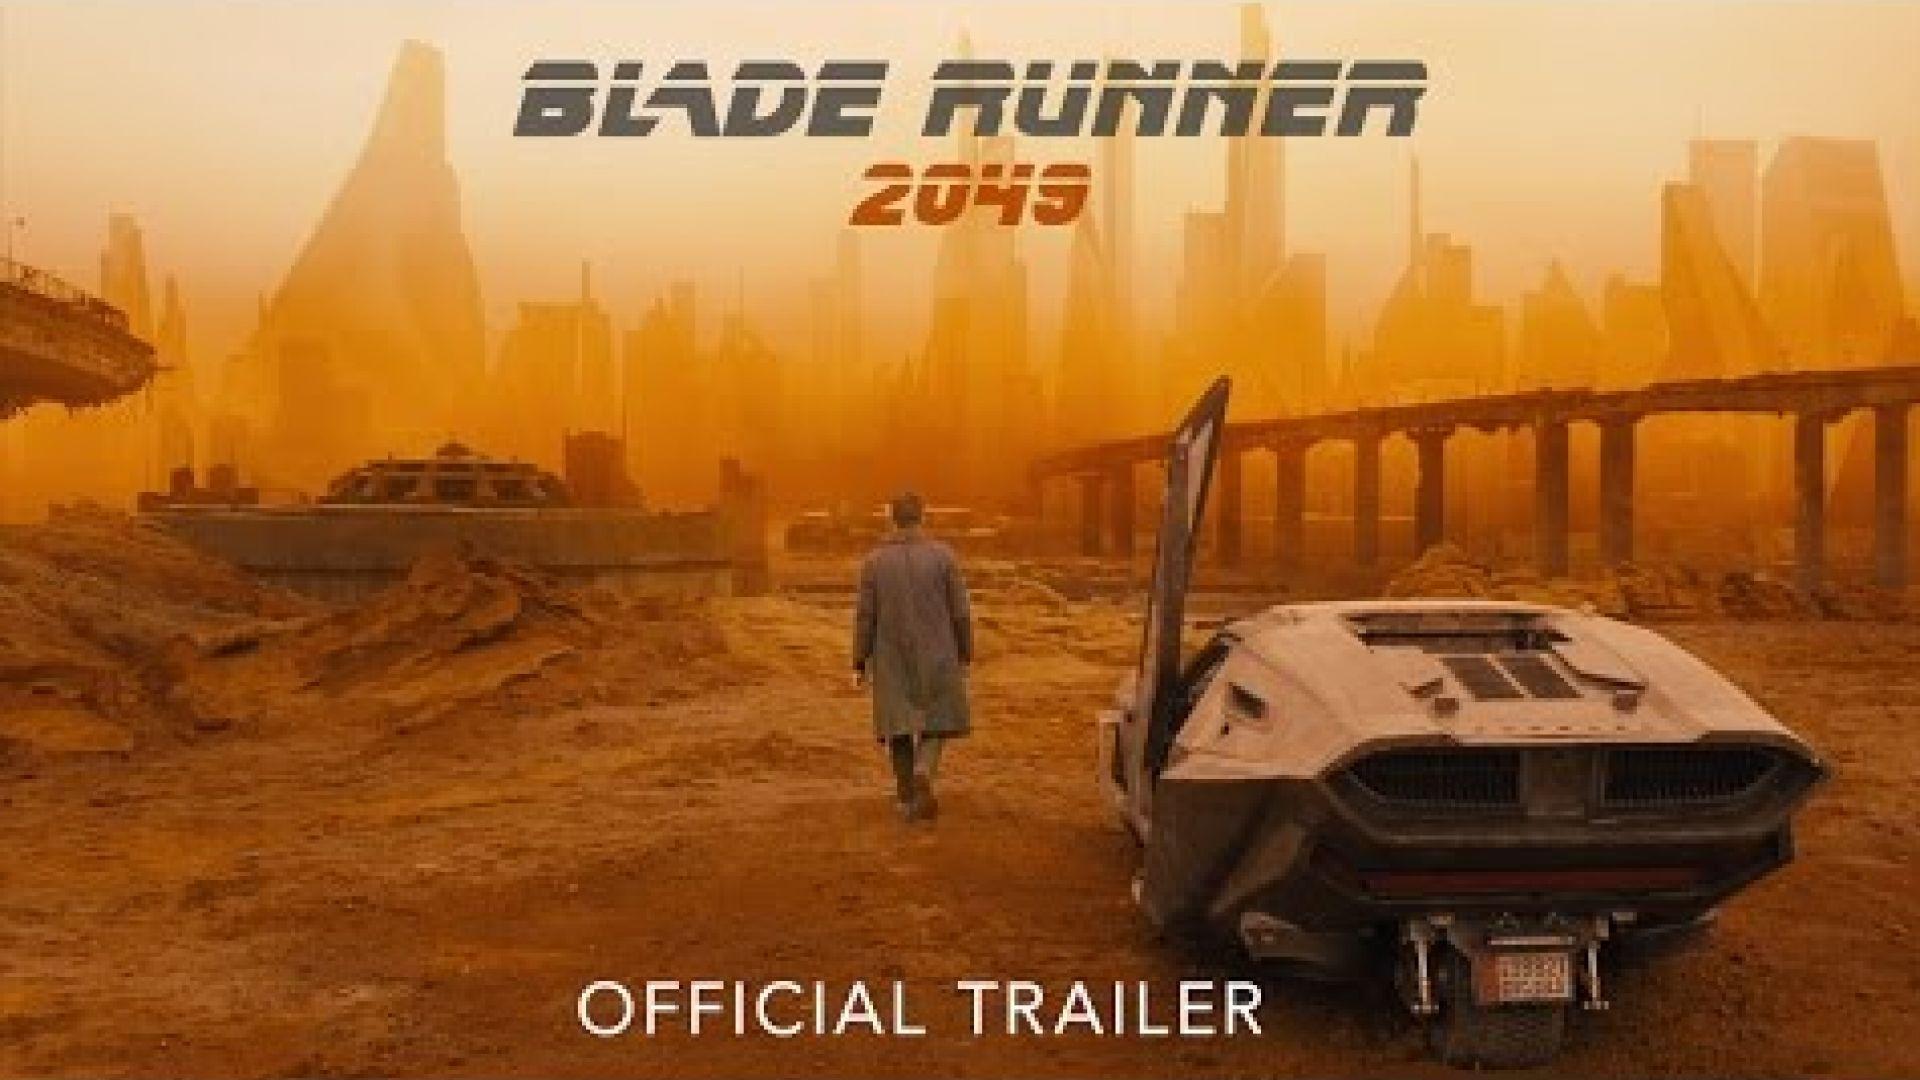 New Trailer for 'Blade Runner 2049'